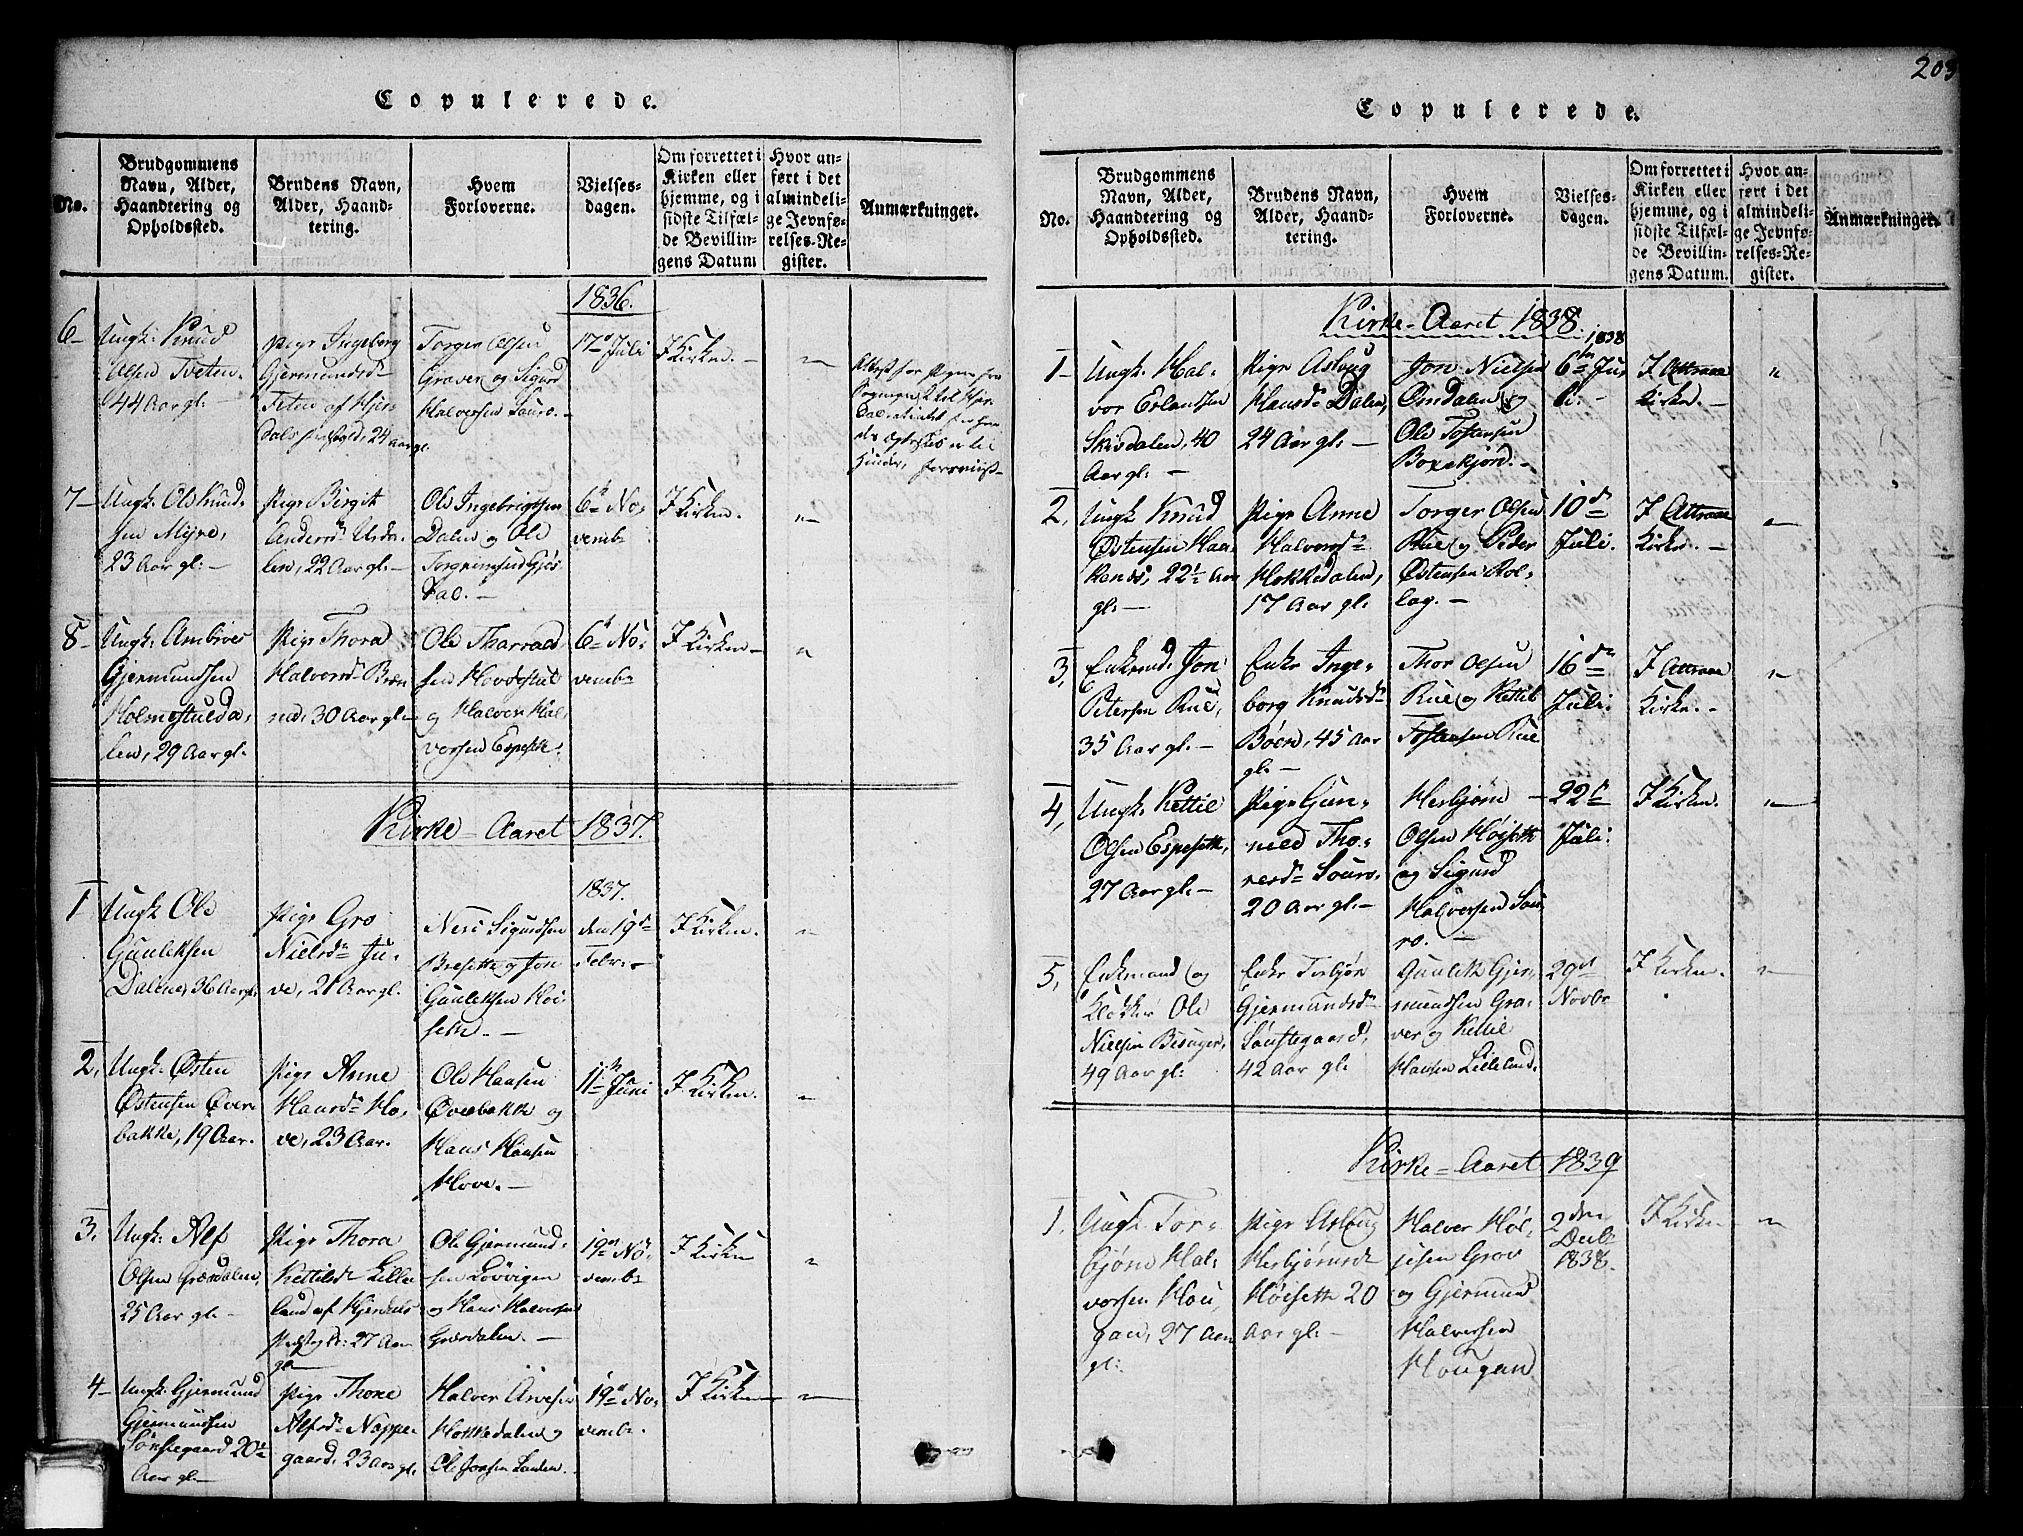 SAKO, Gransherad kirkebøker, G/Gb/L0001: Klokkerbok nr. II 1, 1815-1860, s. 203